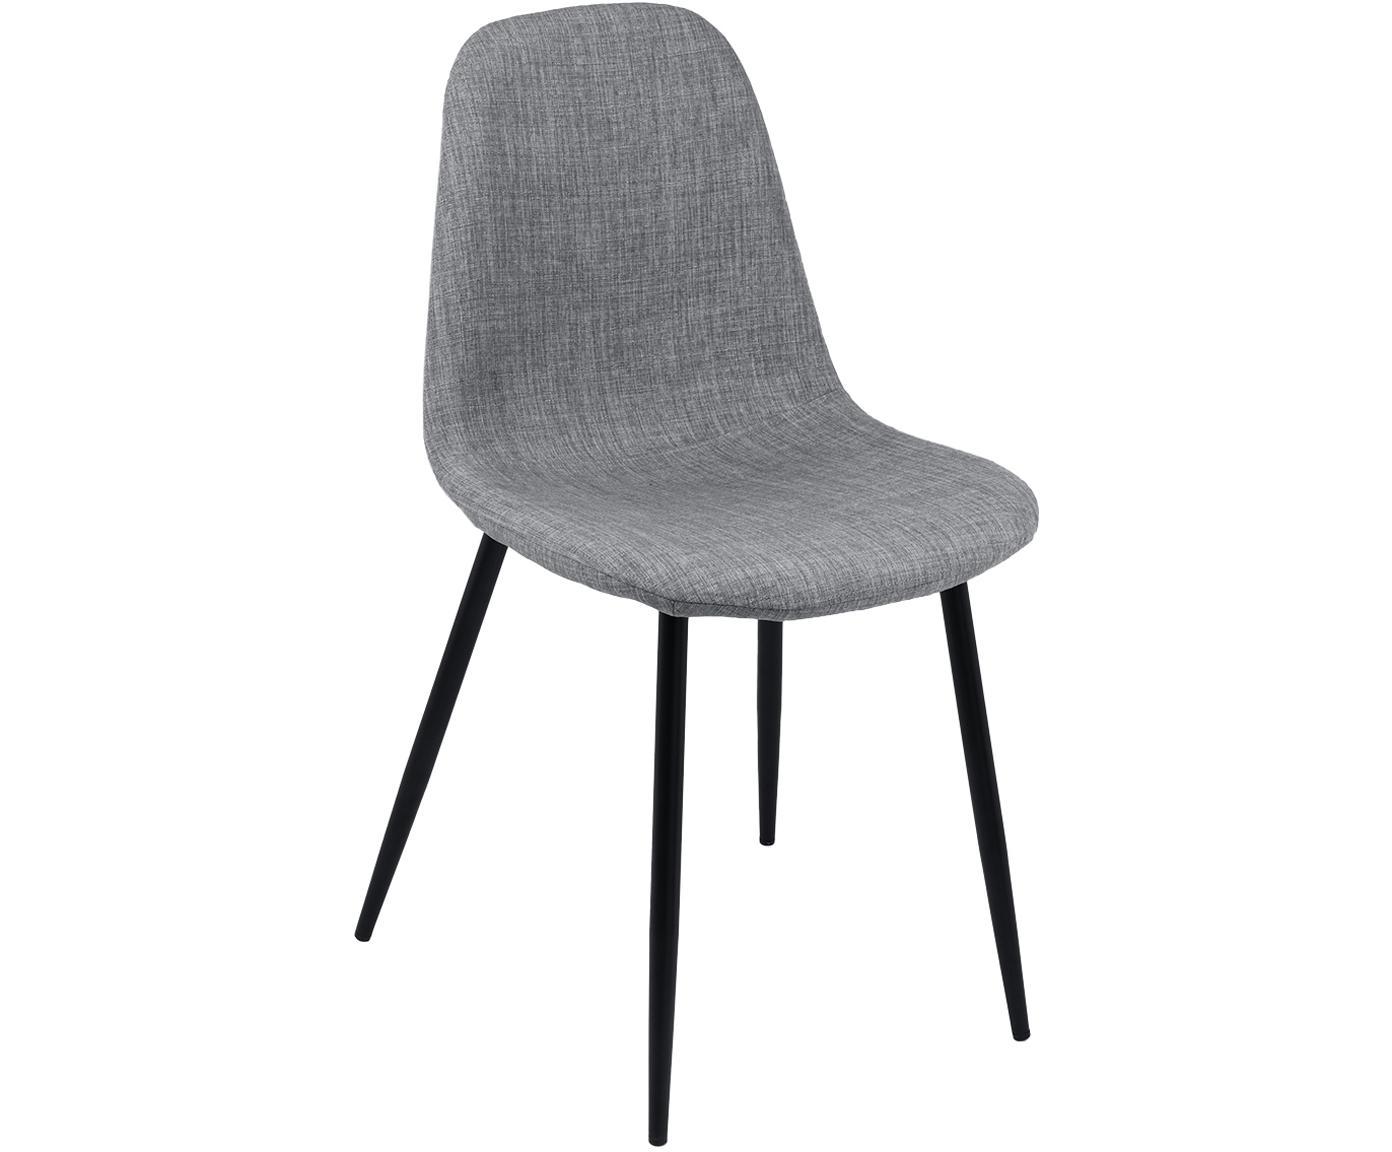 Sillas tapizadas Karla, 2uds., Tapizado: 100%poliéster, Patas: metal, Tapizado: gris claro Patas: negro, An 44 x F 53 cm